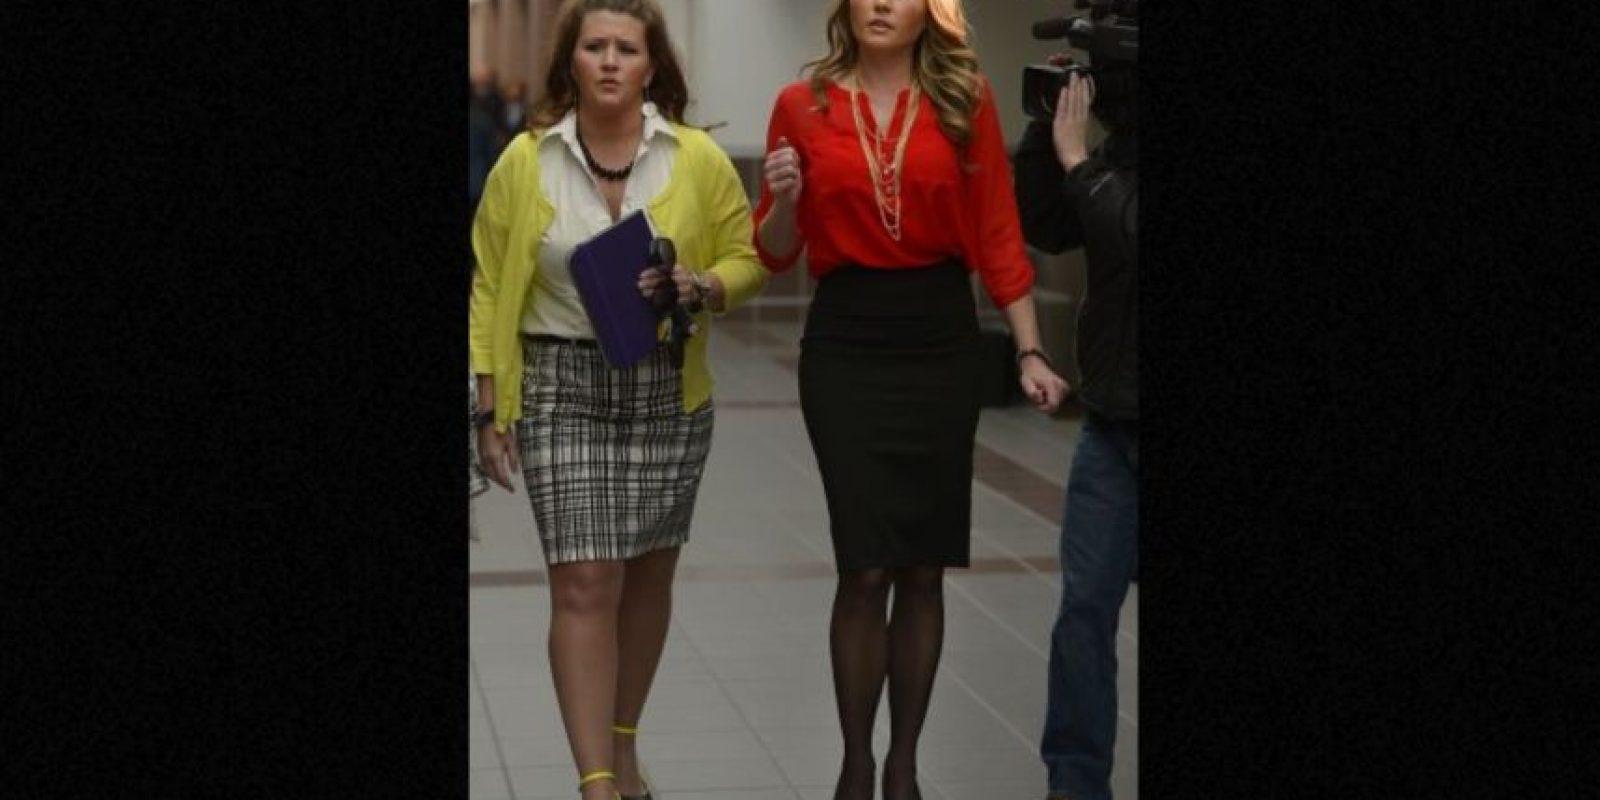 Maestras que fueron detenidas por tener relaciones sexuales con sus alumnos Foto:AP